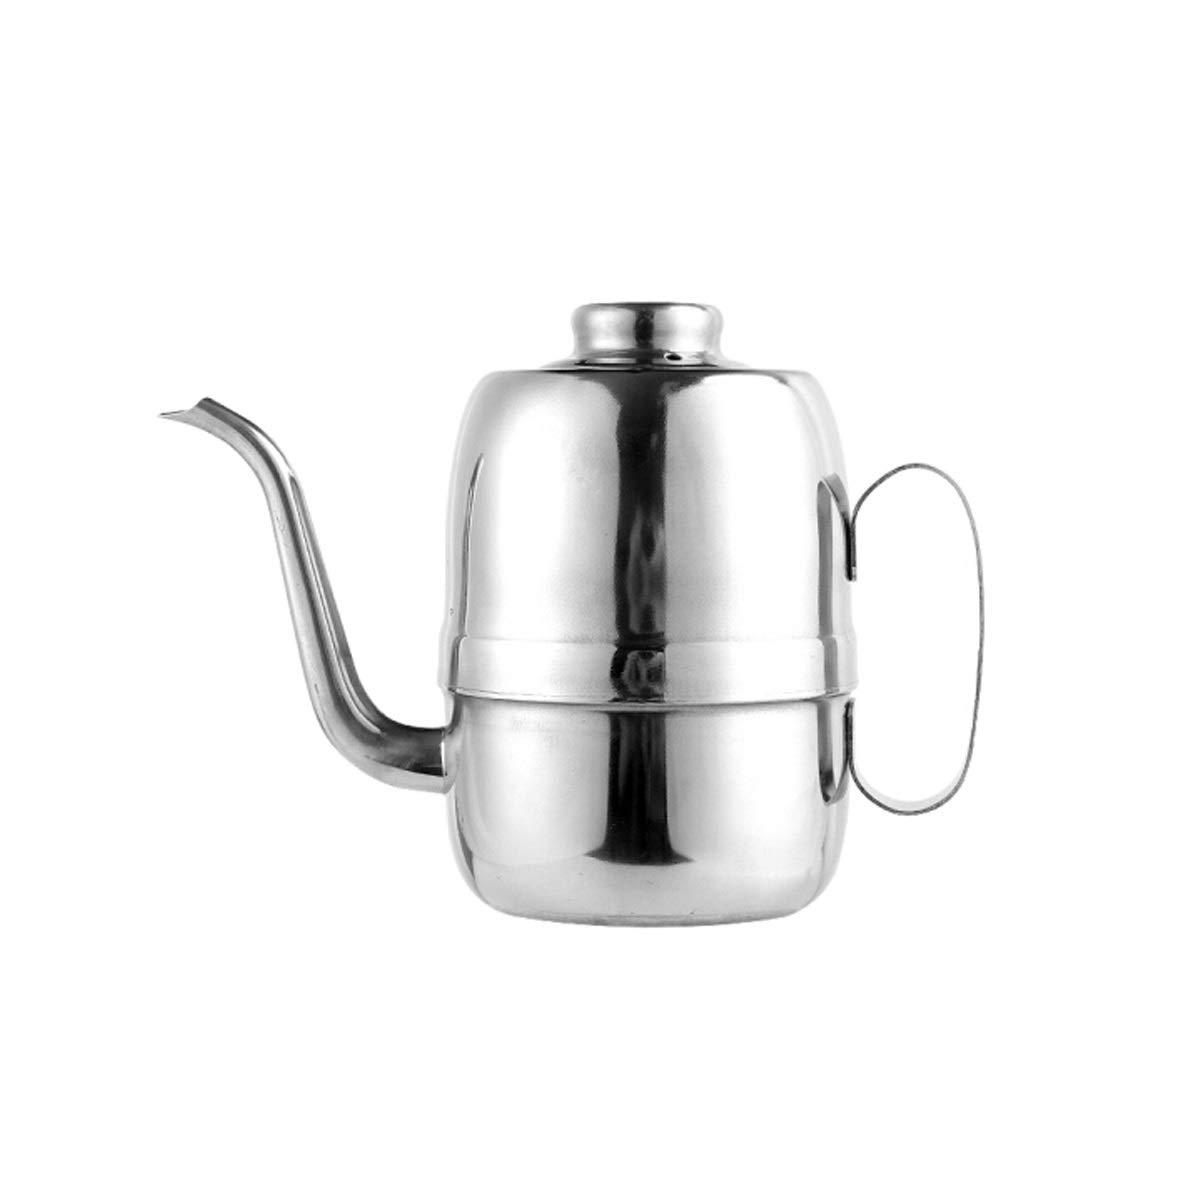 WENPINHUI Stainless steel oil pot Kitchen household 690ml oil pot seasoning bottle leak-proof oil pot Seasoning tank seasoning utensils soy sauce vinegar bottle (Capacity : 690 ml) by WENPINHUI